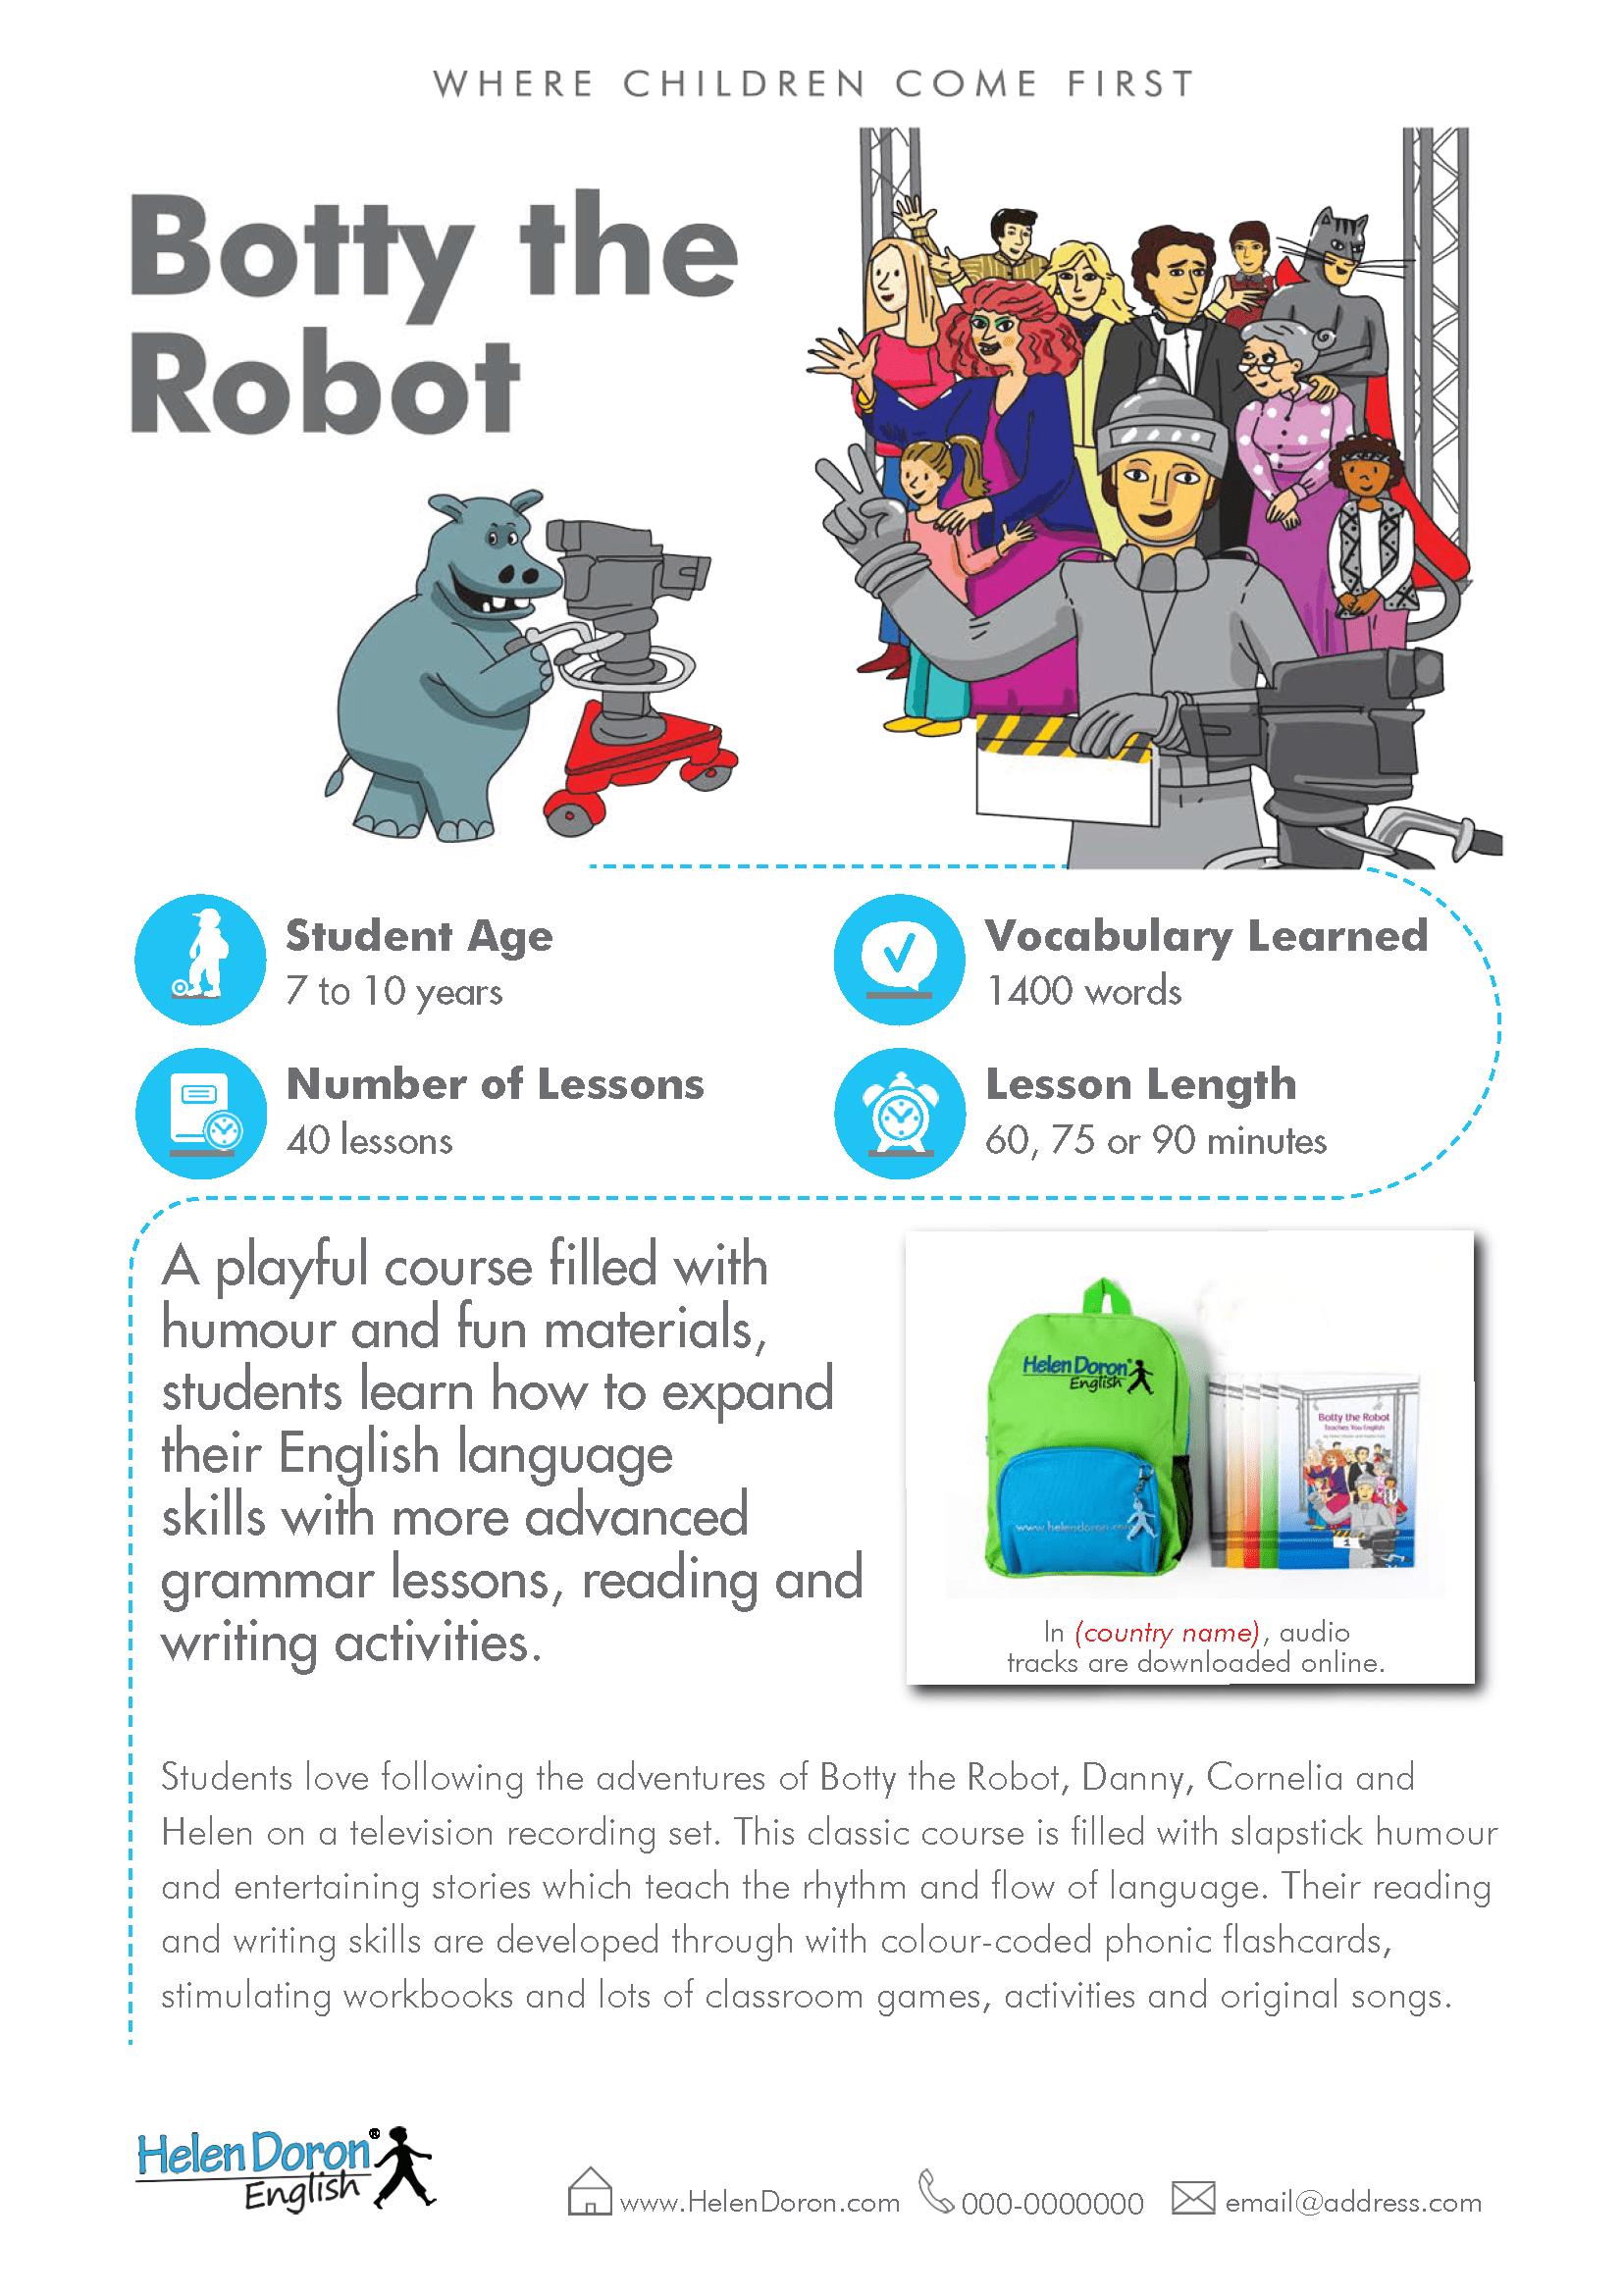 Descargar - Botty the Robot 